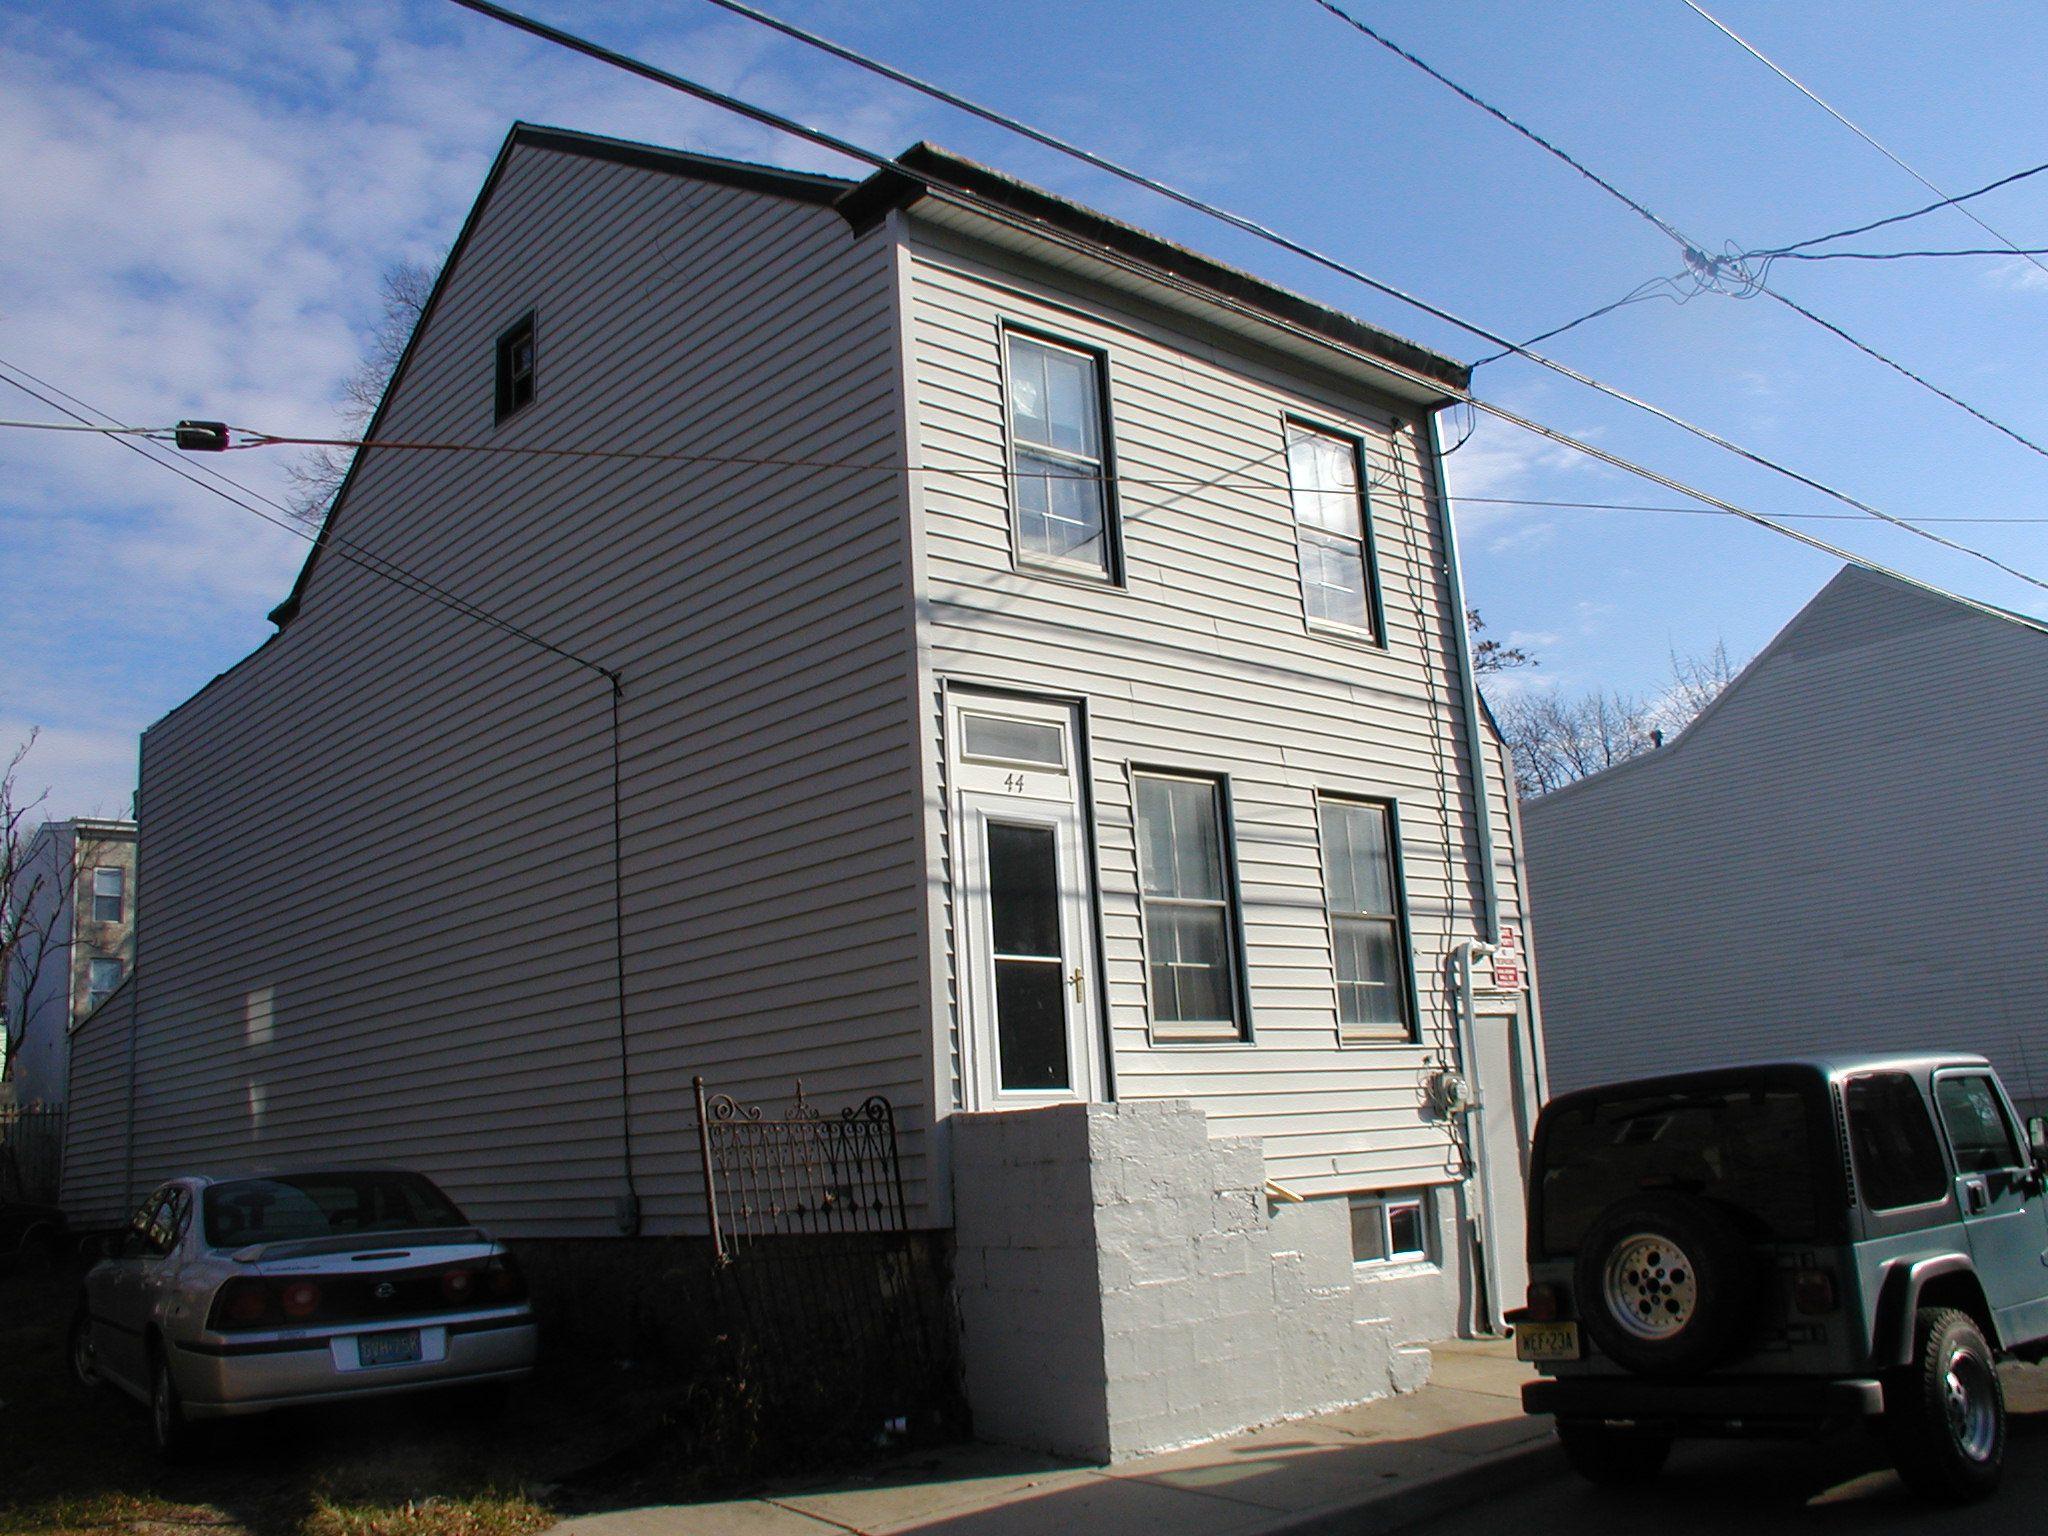 44 Sweets Ave, Trenton, NJ